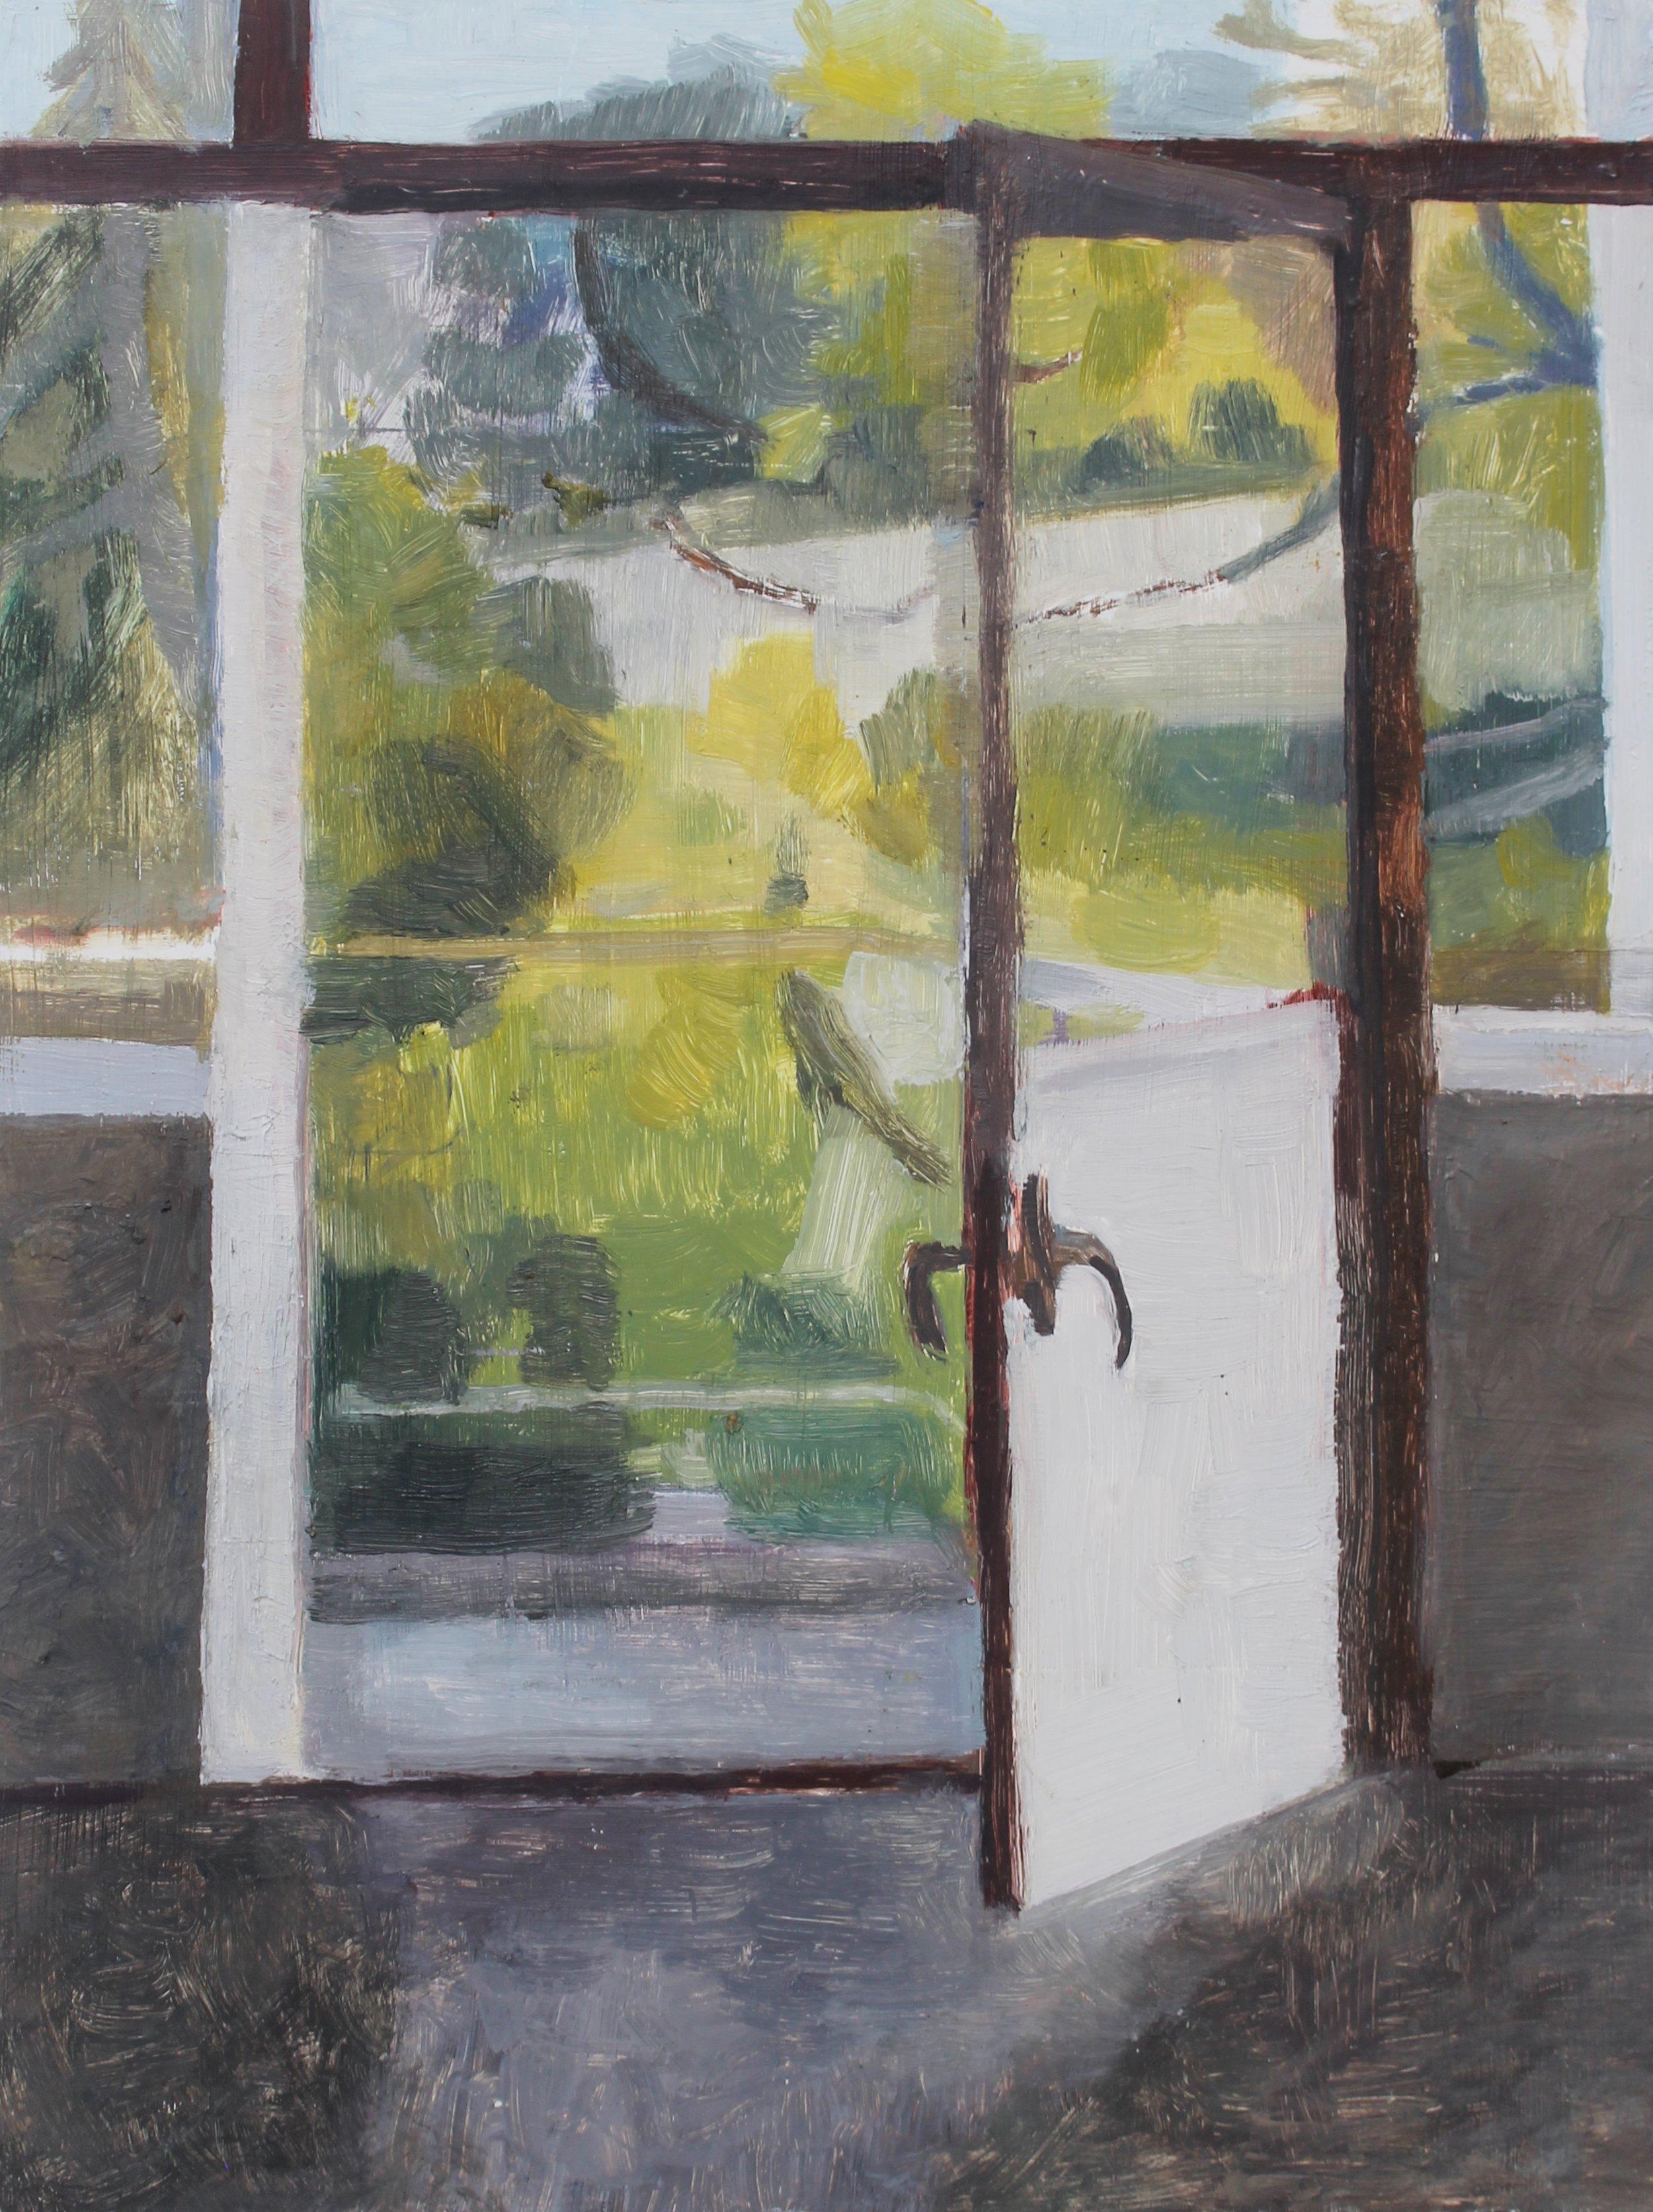 Doorway to balcony, Oil on panel, 12 x 9 in, 2013